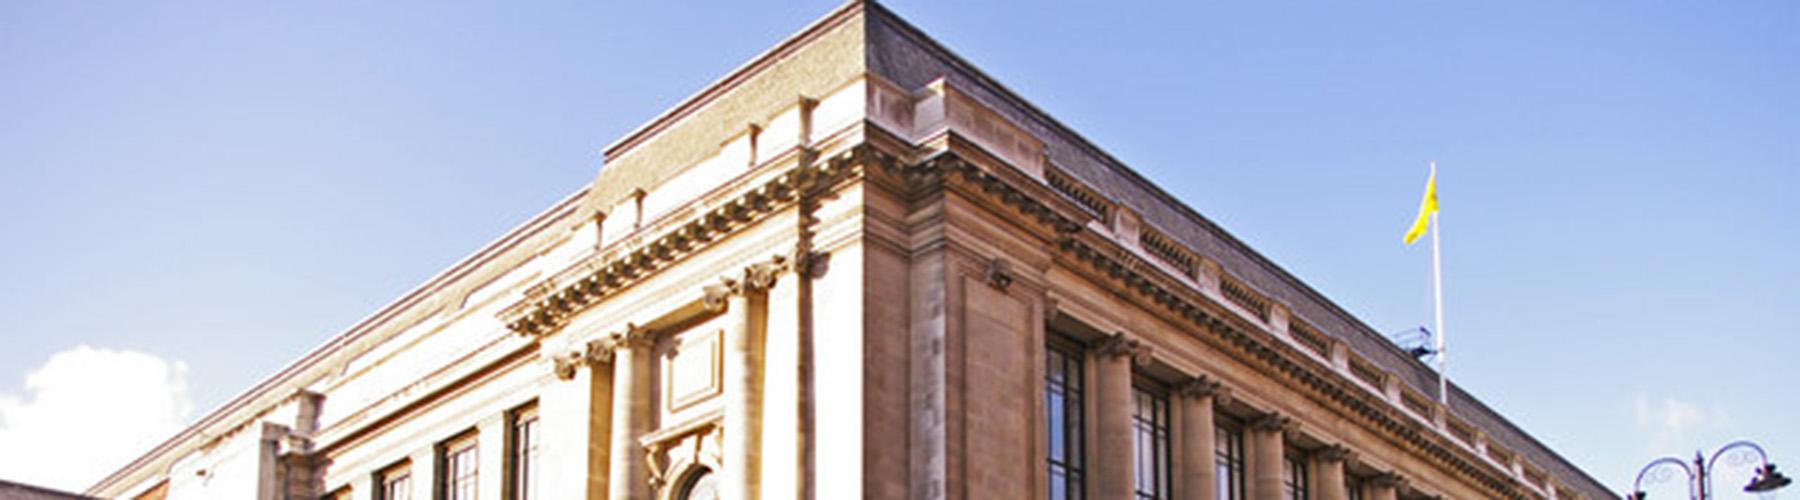 ロンドン – 科学博物館の近くにあるホステル. 地図 ロンドン, すべてのホステルの写真とレビュー ロンドン.